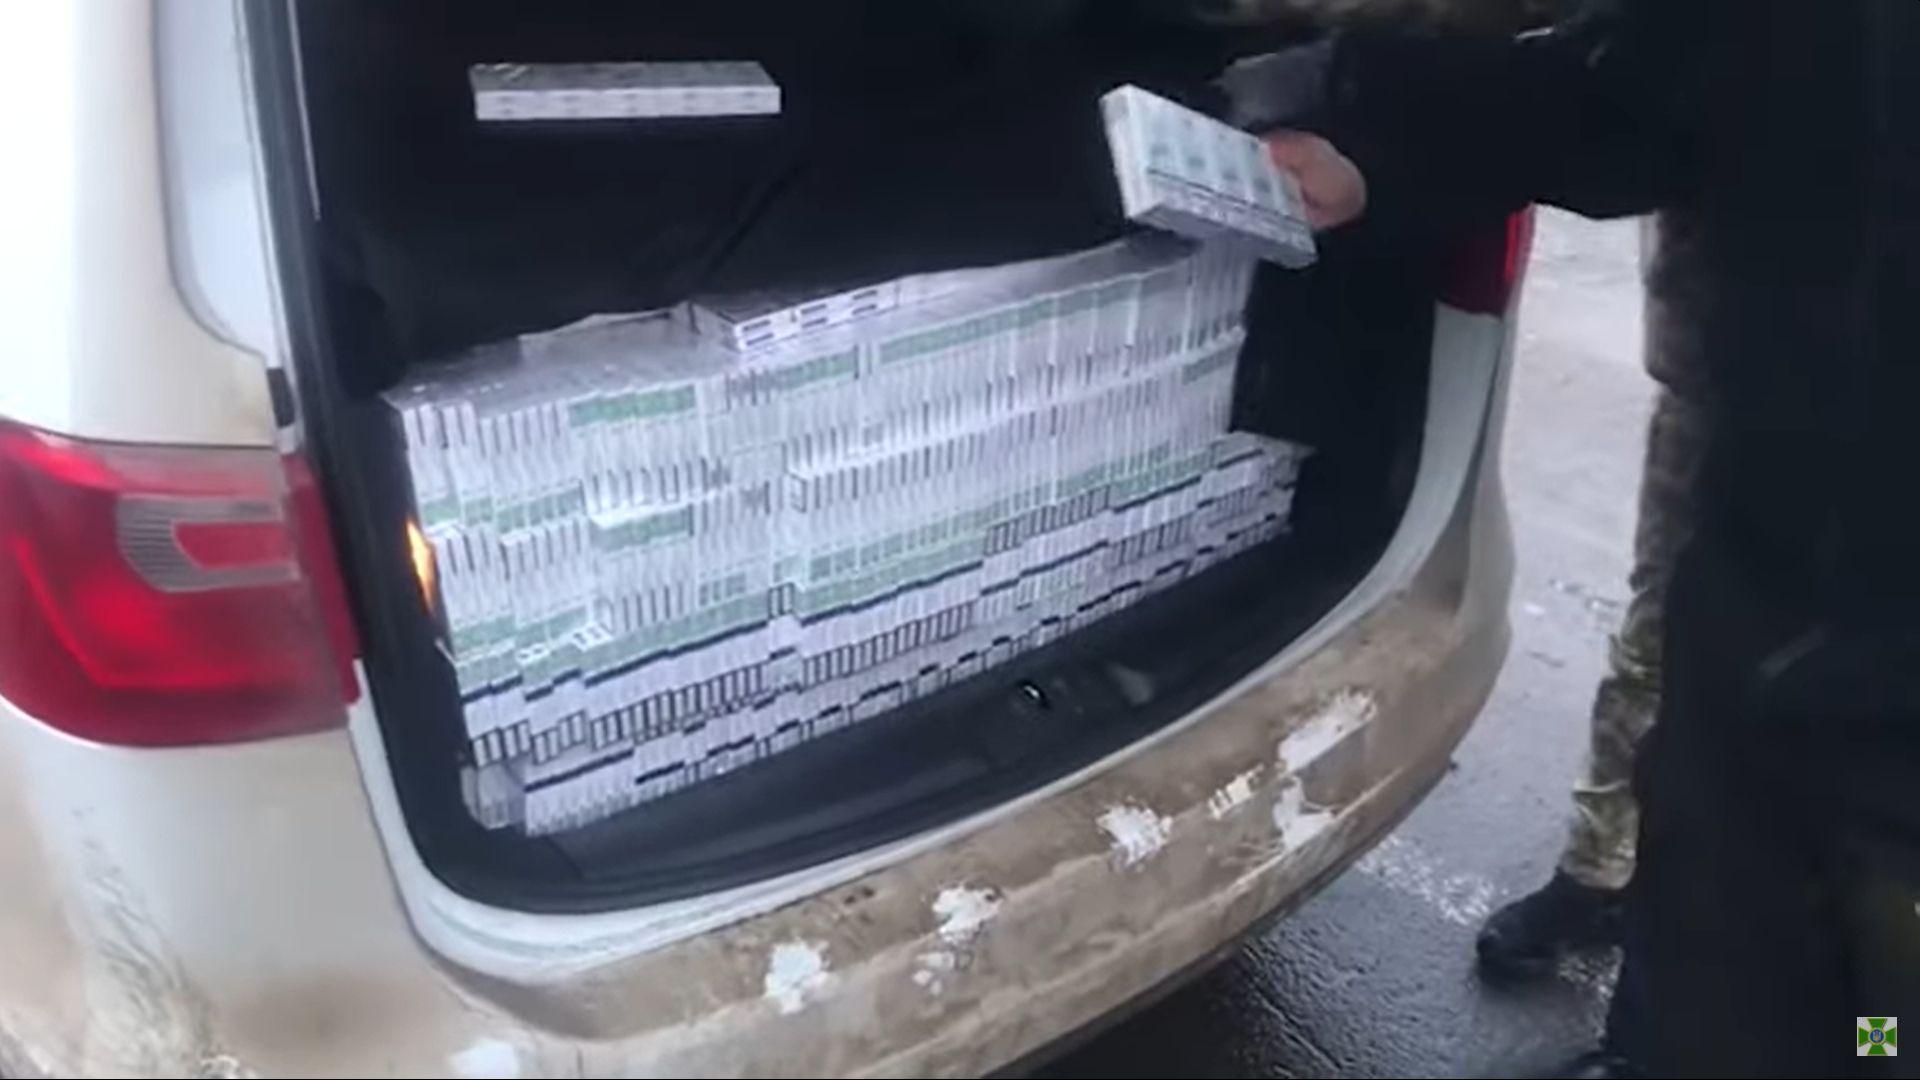 Cigicsempészéssel vádolt volt MSZP-s képviselő: Mikor kinyitották a csomagtartót, én voltam a legjobban ledöbbenve